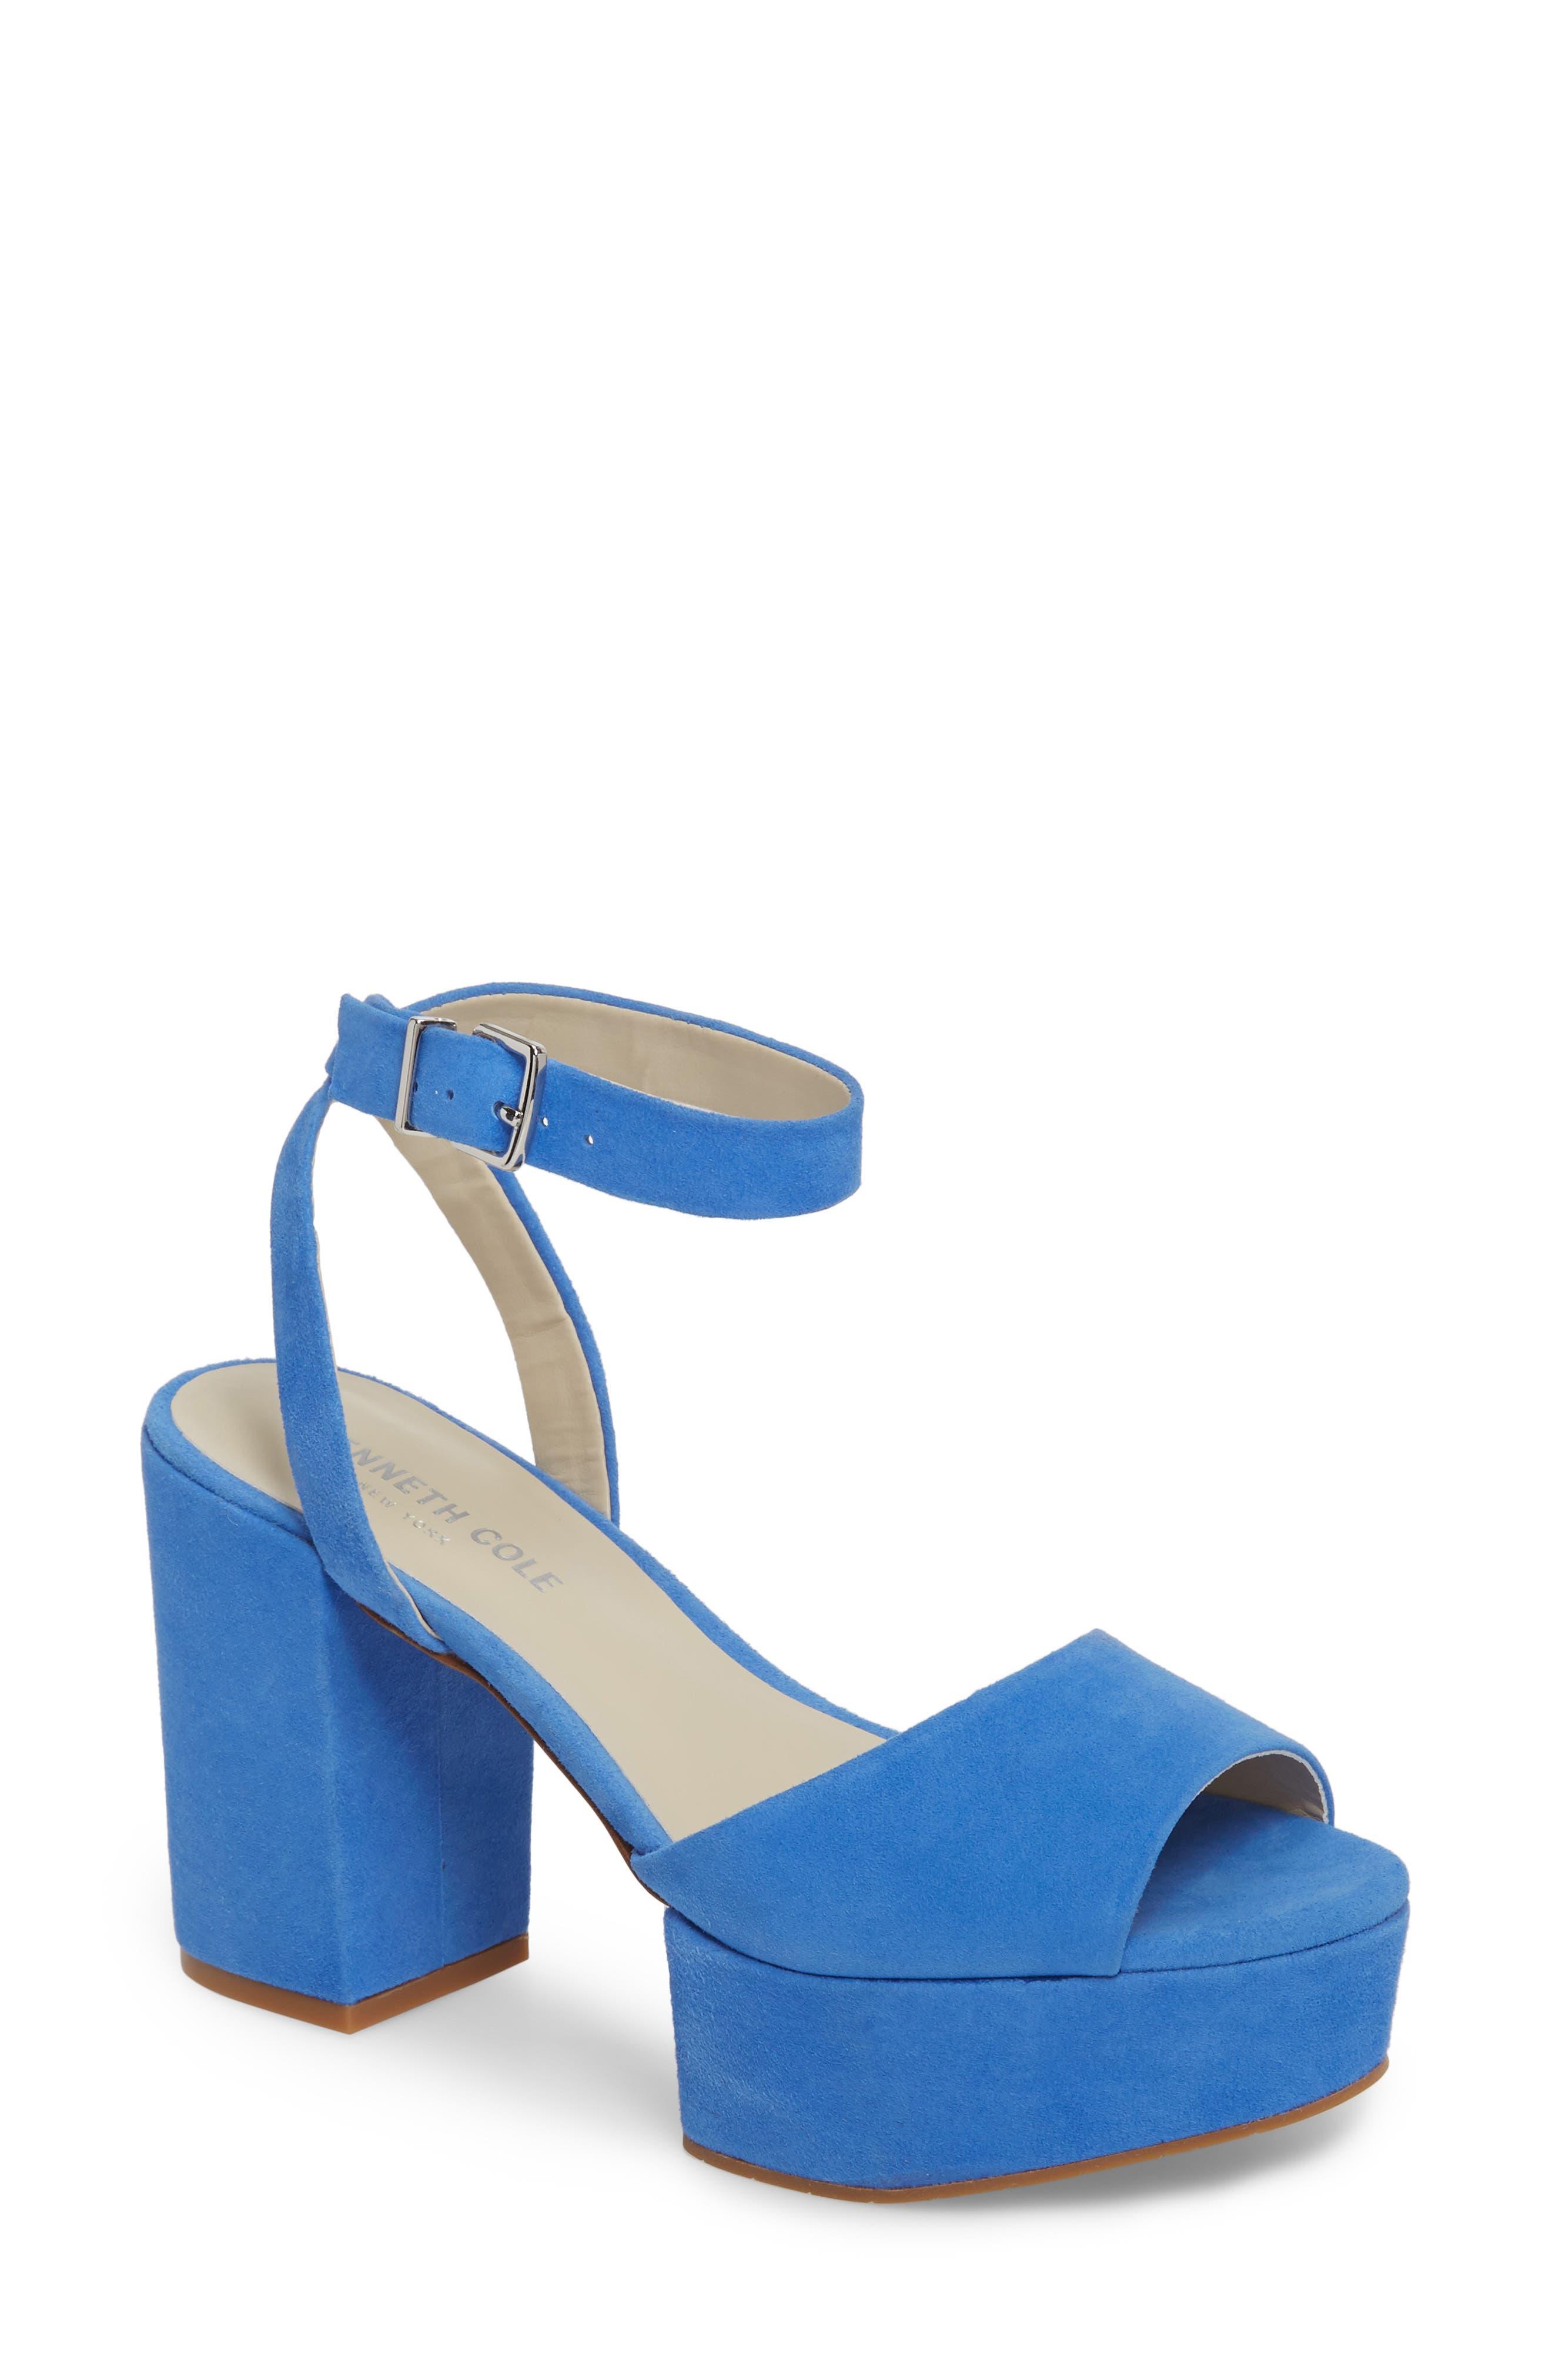 Pheonix Sandal,                         Main,                         color, Cerulean Suede